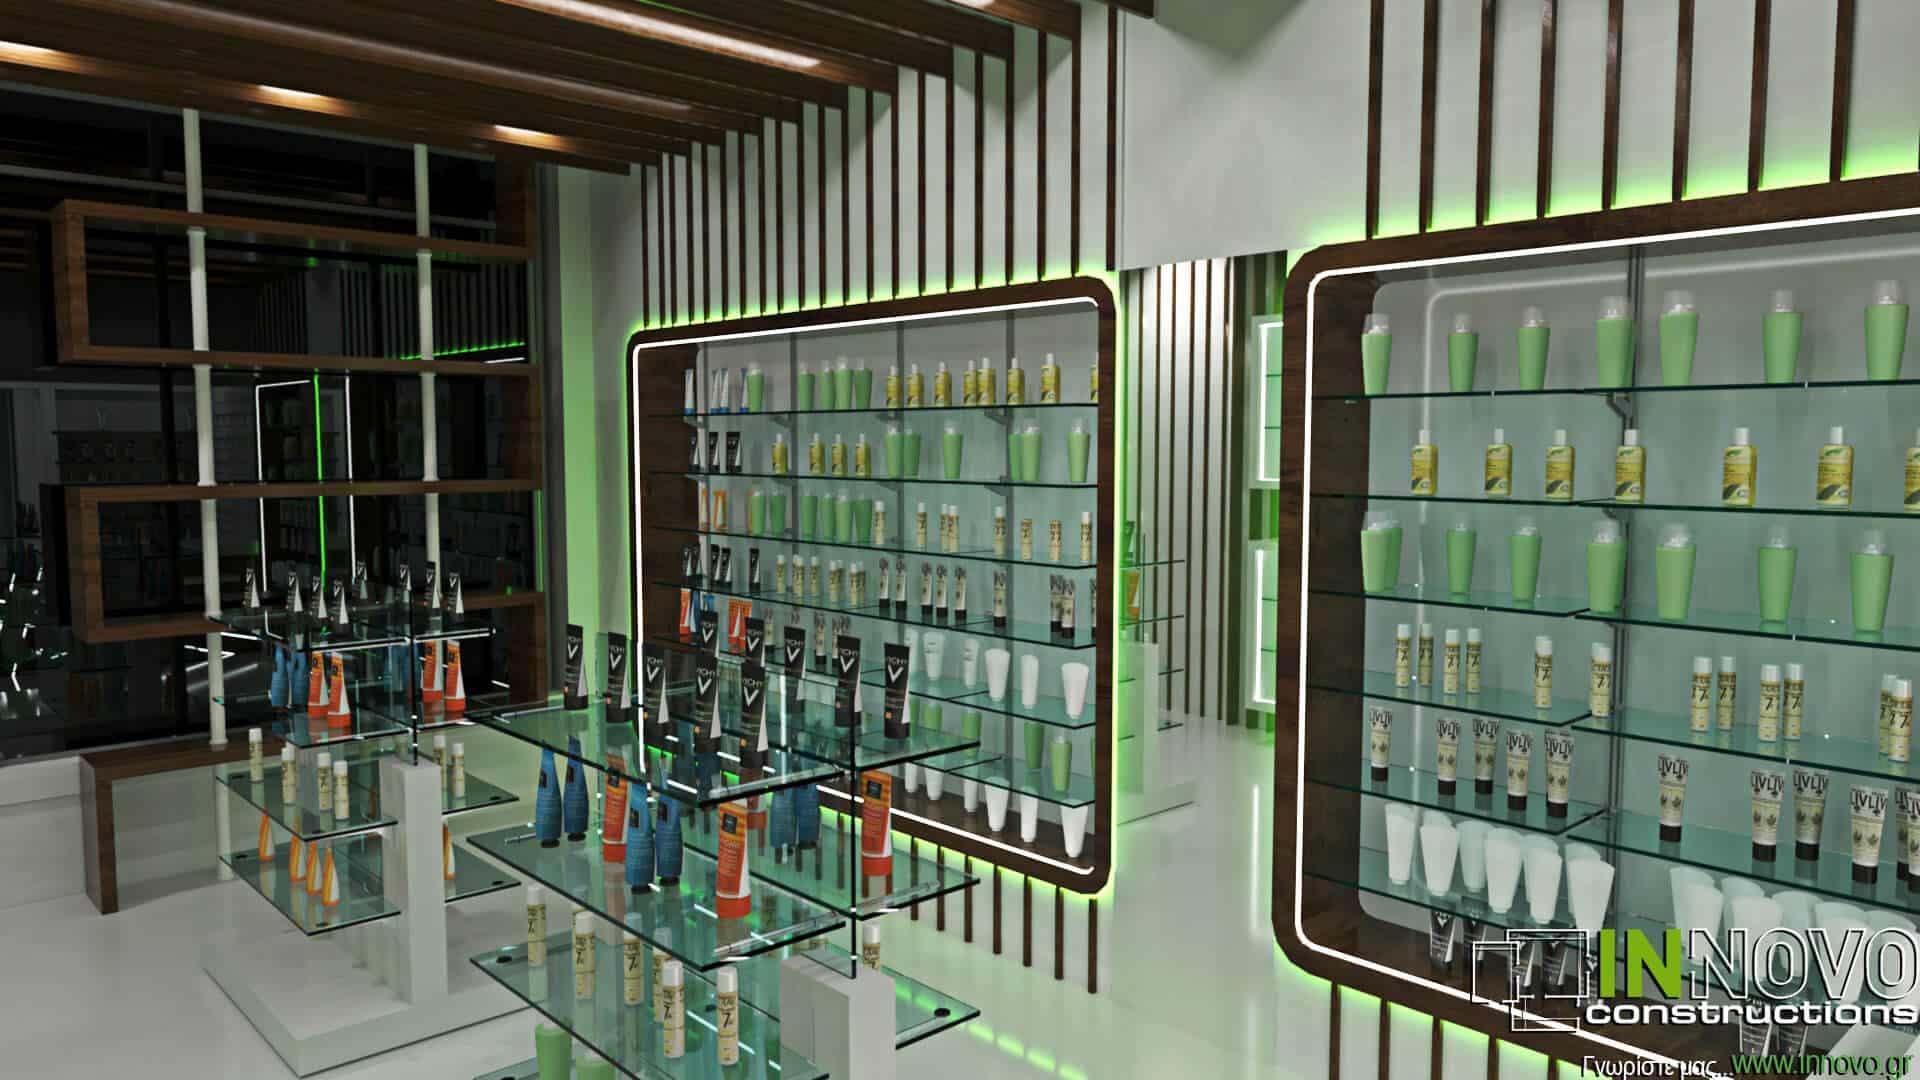 Σχεδιασμός ανακαίνισης φαρμακείου στο Άμστερνταμ